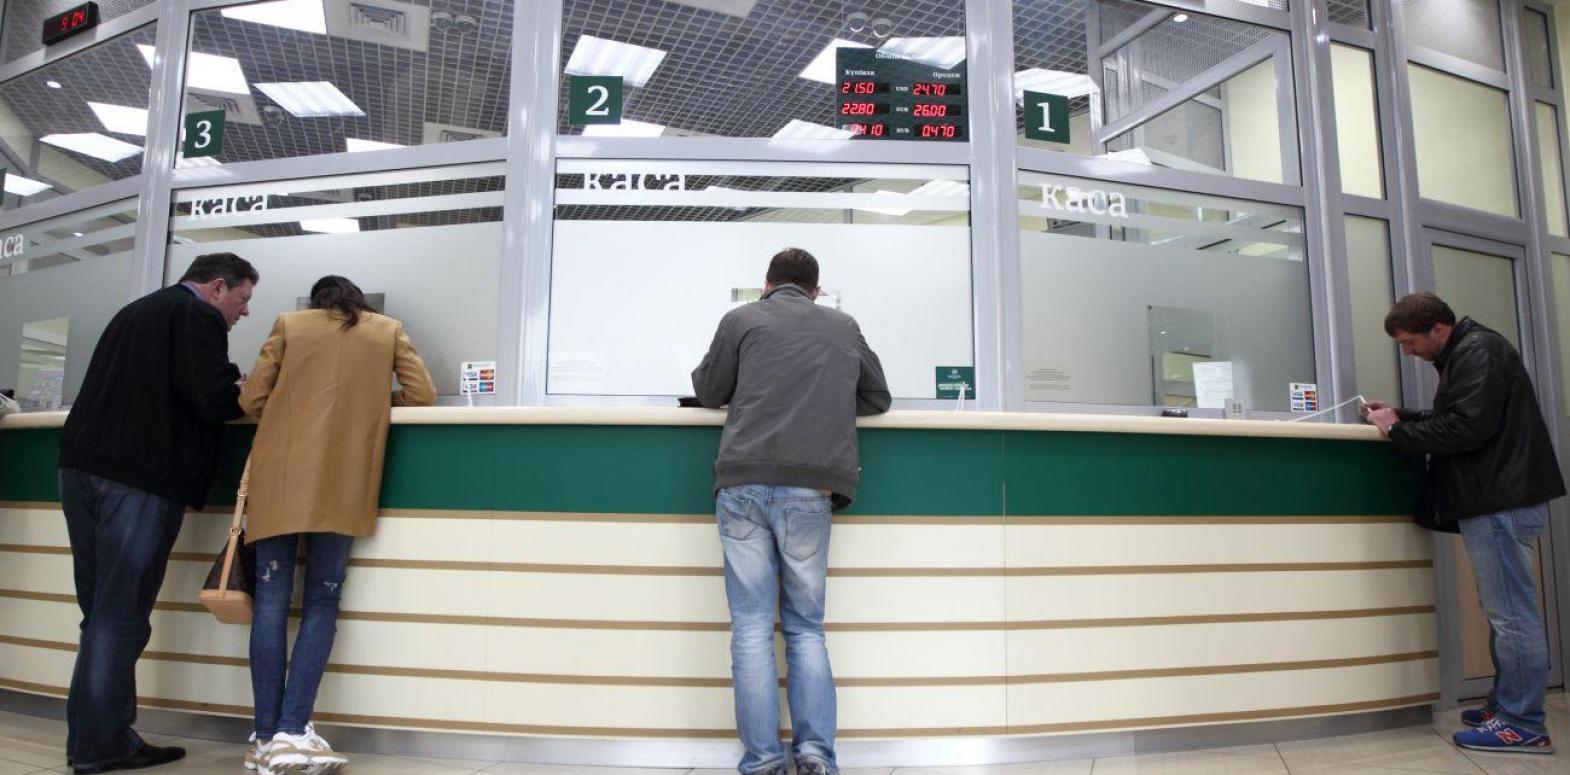 Как будут работать банки на Троицу и День Конституции: НБУ разъяснил график работы